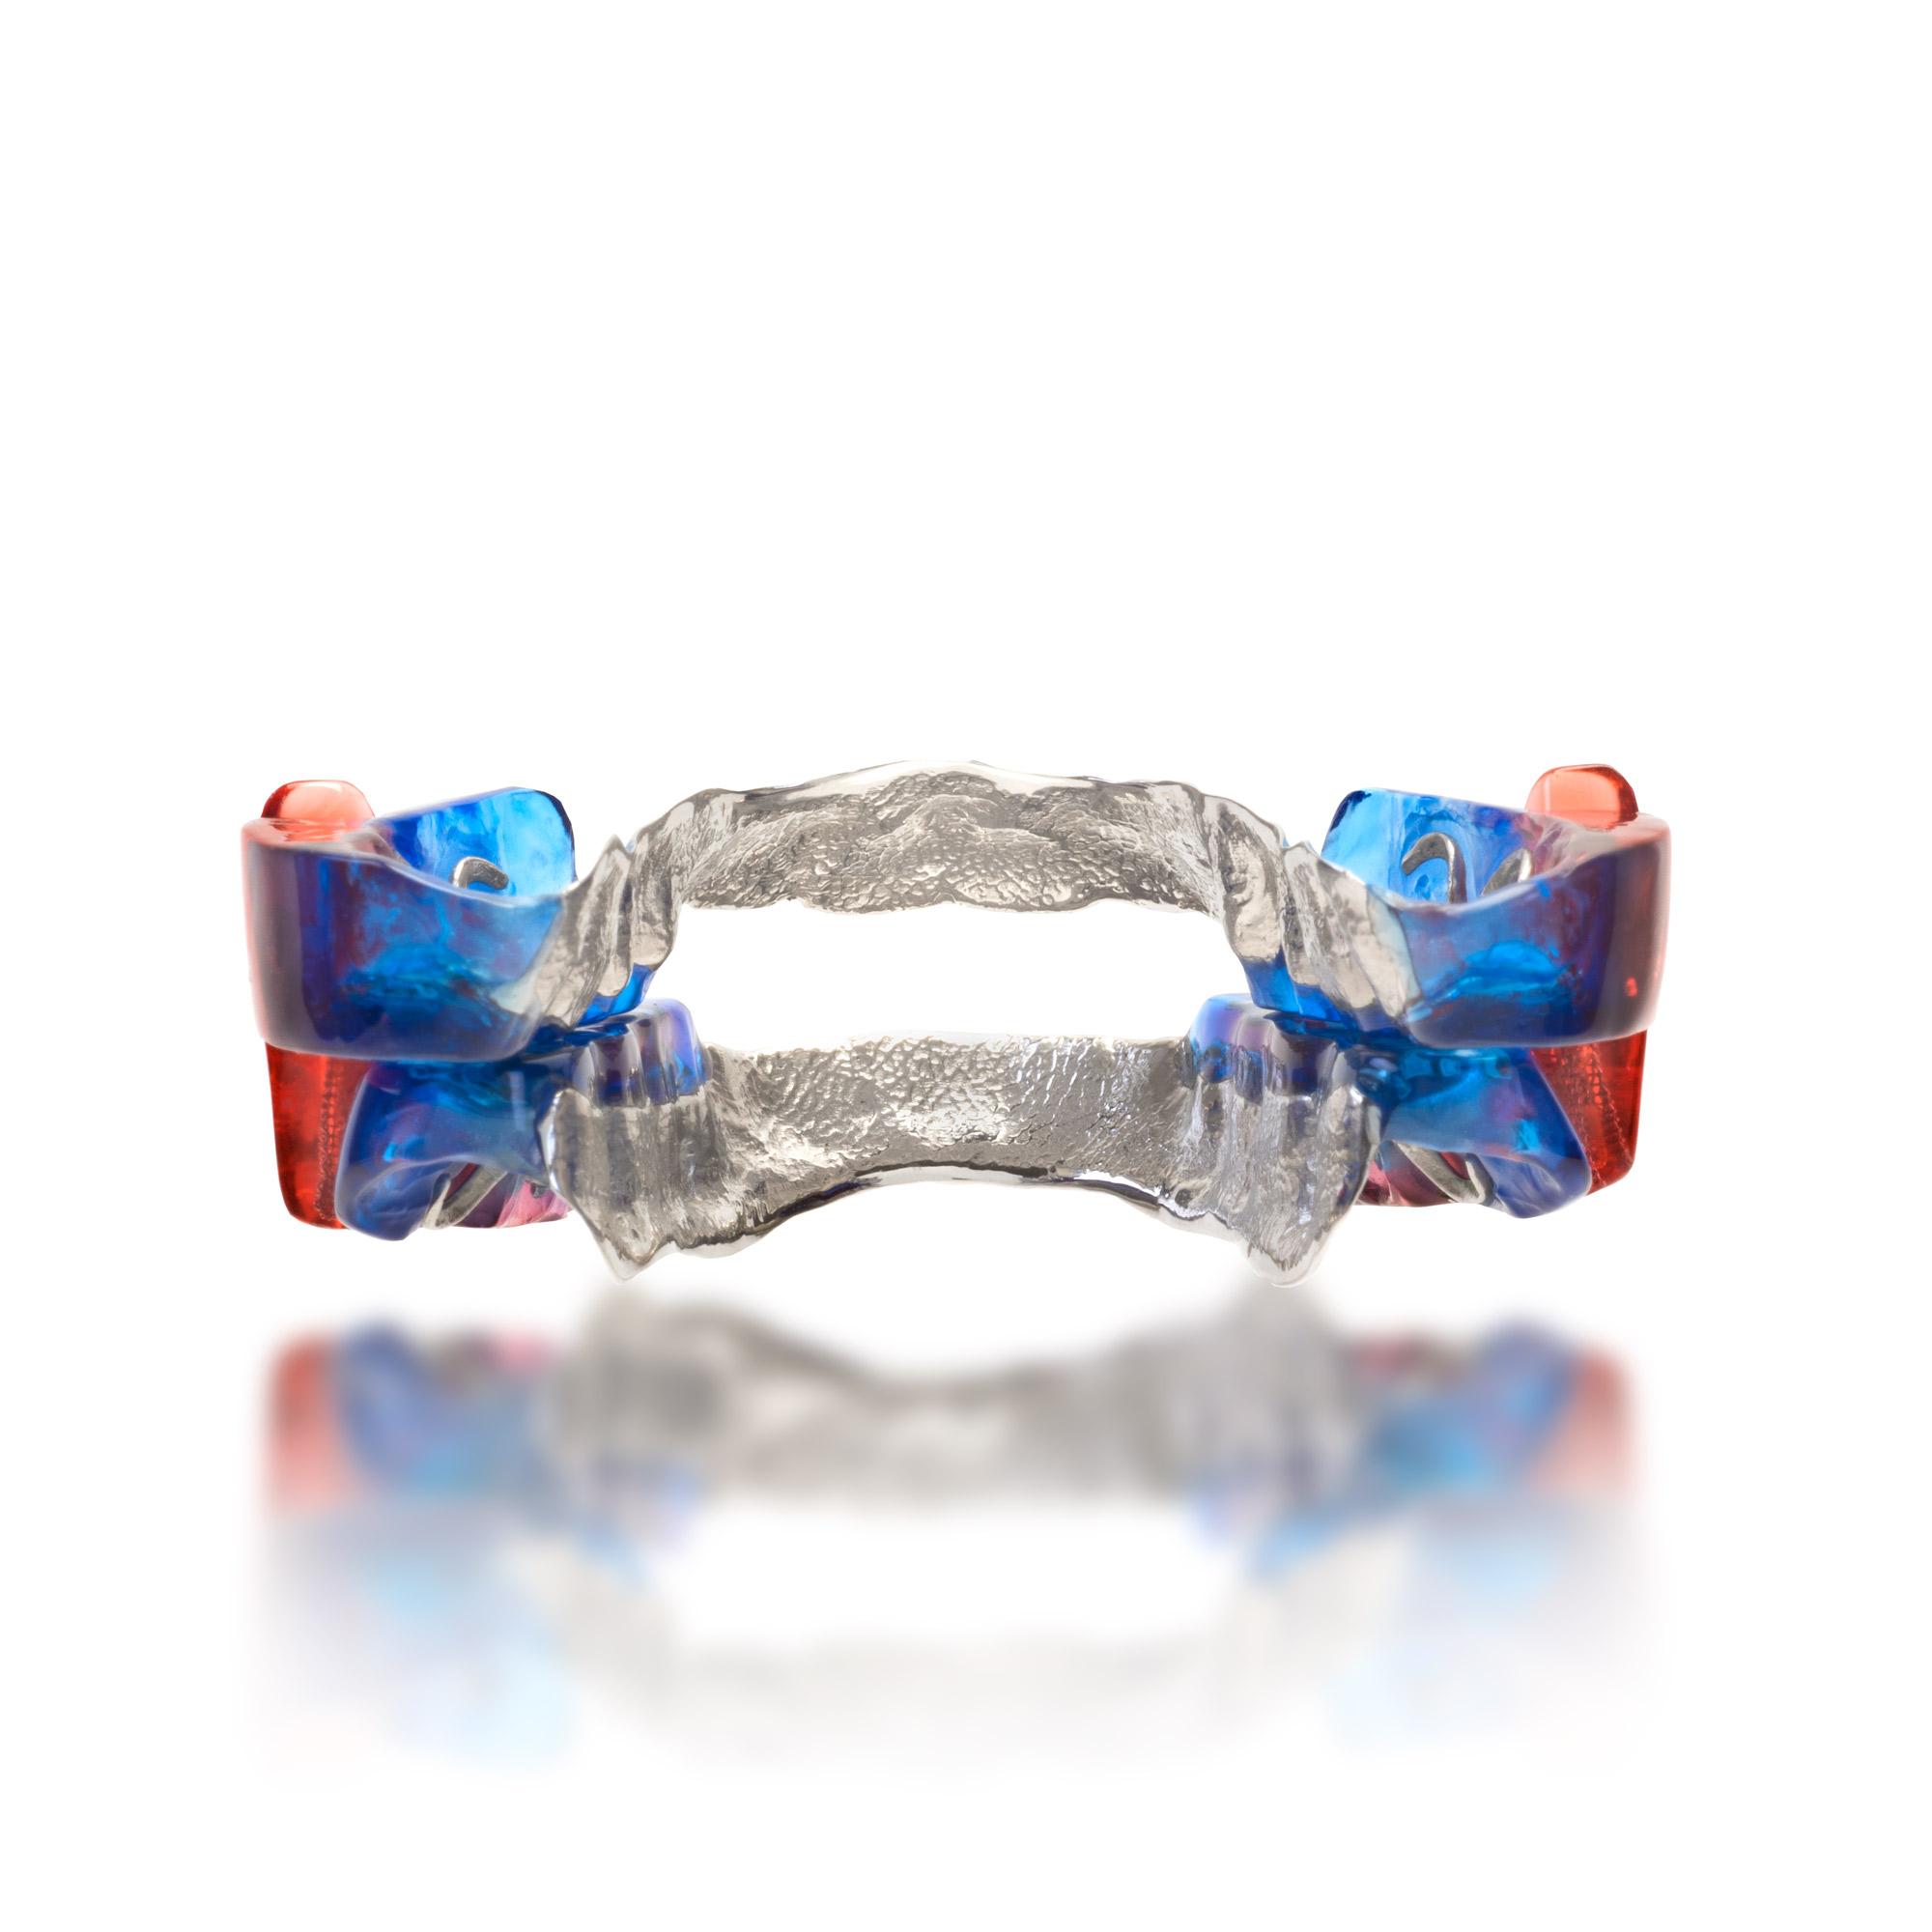 Blue-Chrome-Back-Reflec-WO-3493206460-O.jpg